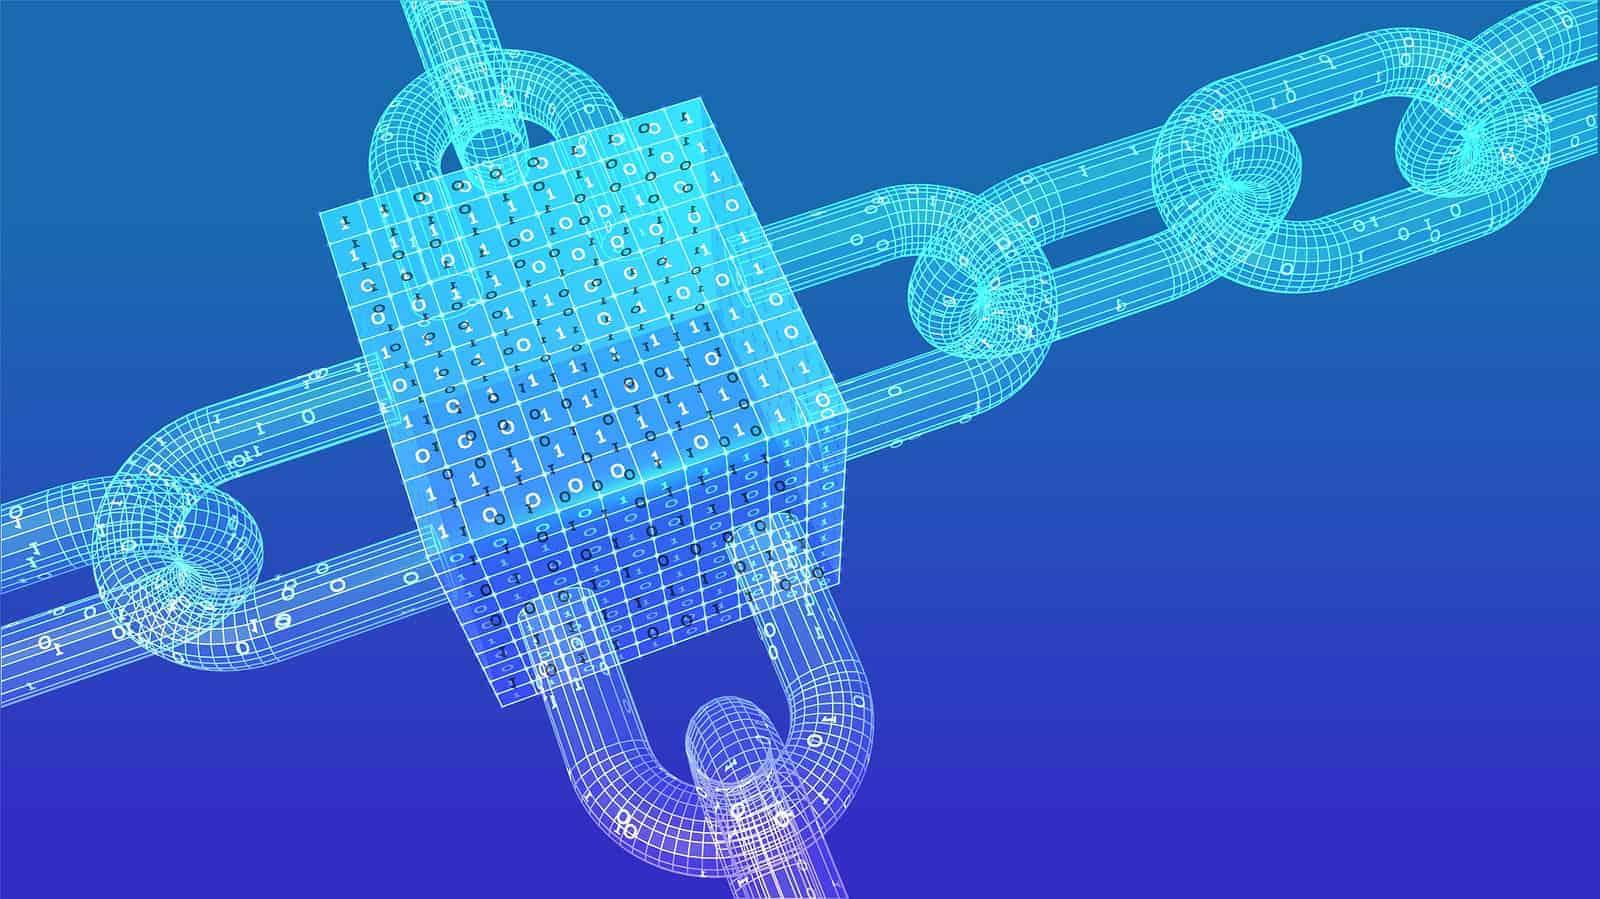 Kommunikations-, Blockchain- und Signatur-Technologie ermöglichen rein digitale Finanzprozesse. <q>Bigstockphoto/LuriiMotov